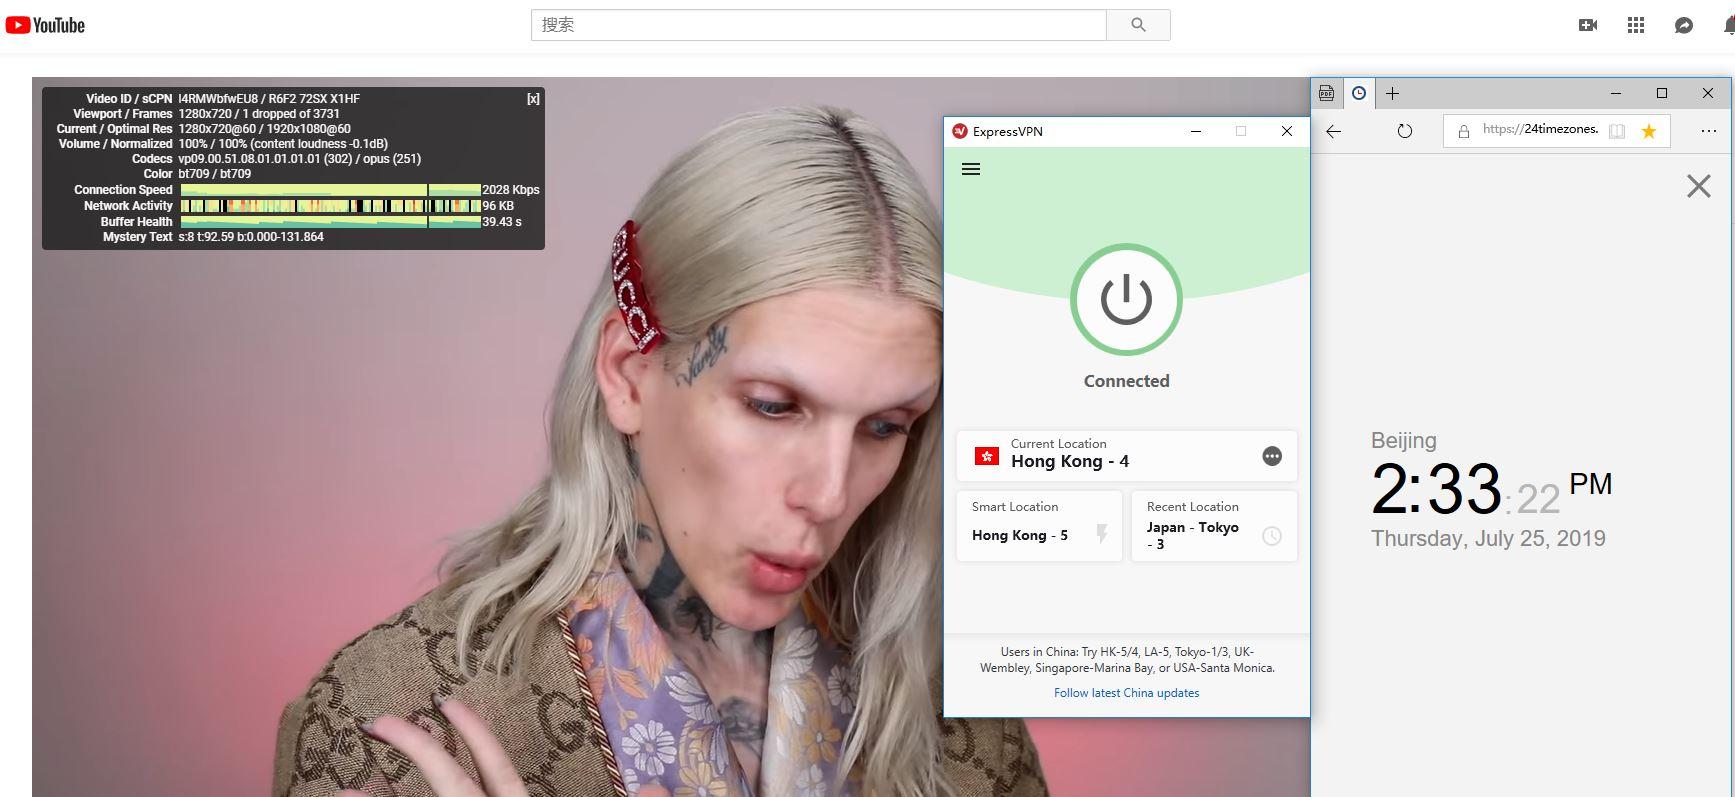 windows-expressvpn-hongkong-4-VPN翻墙连接成功-youtube-20190725